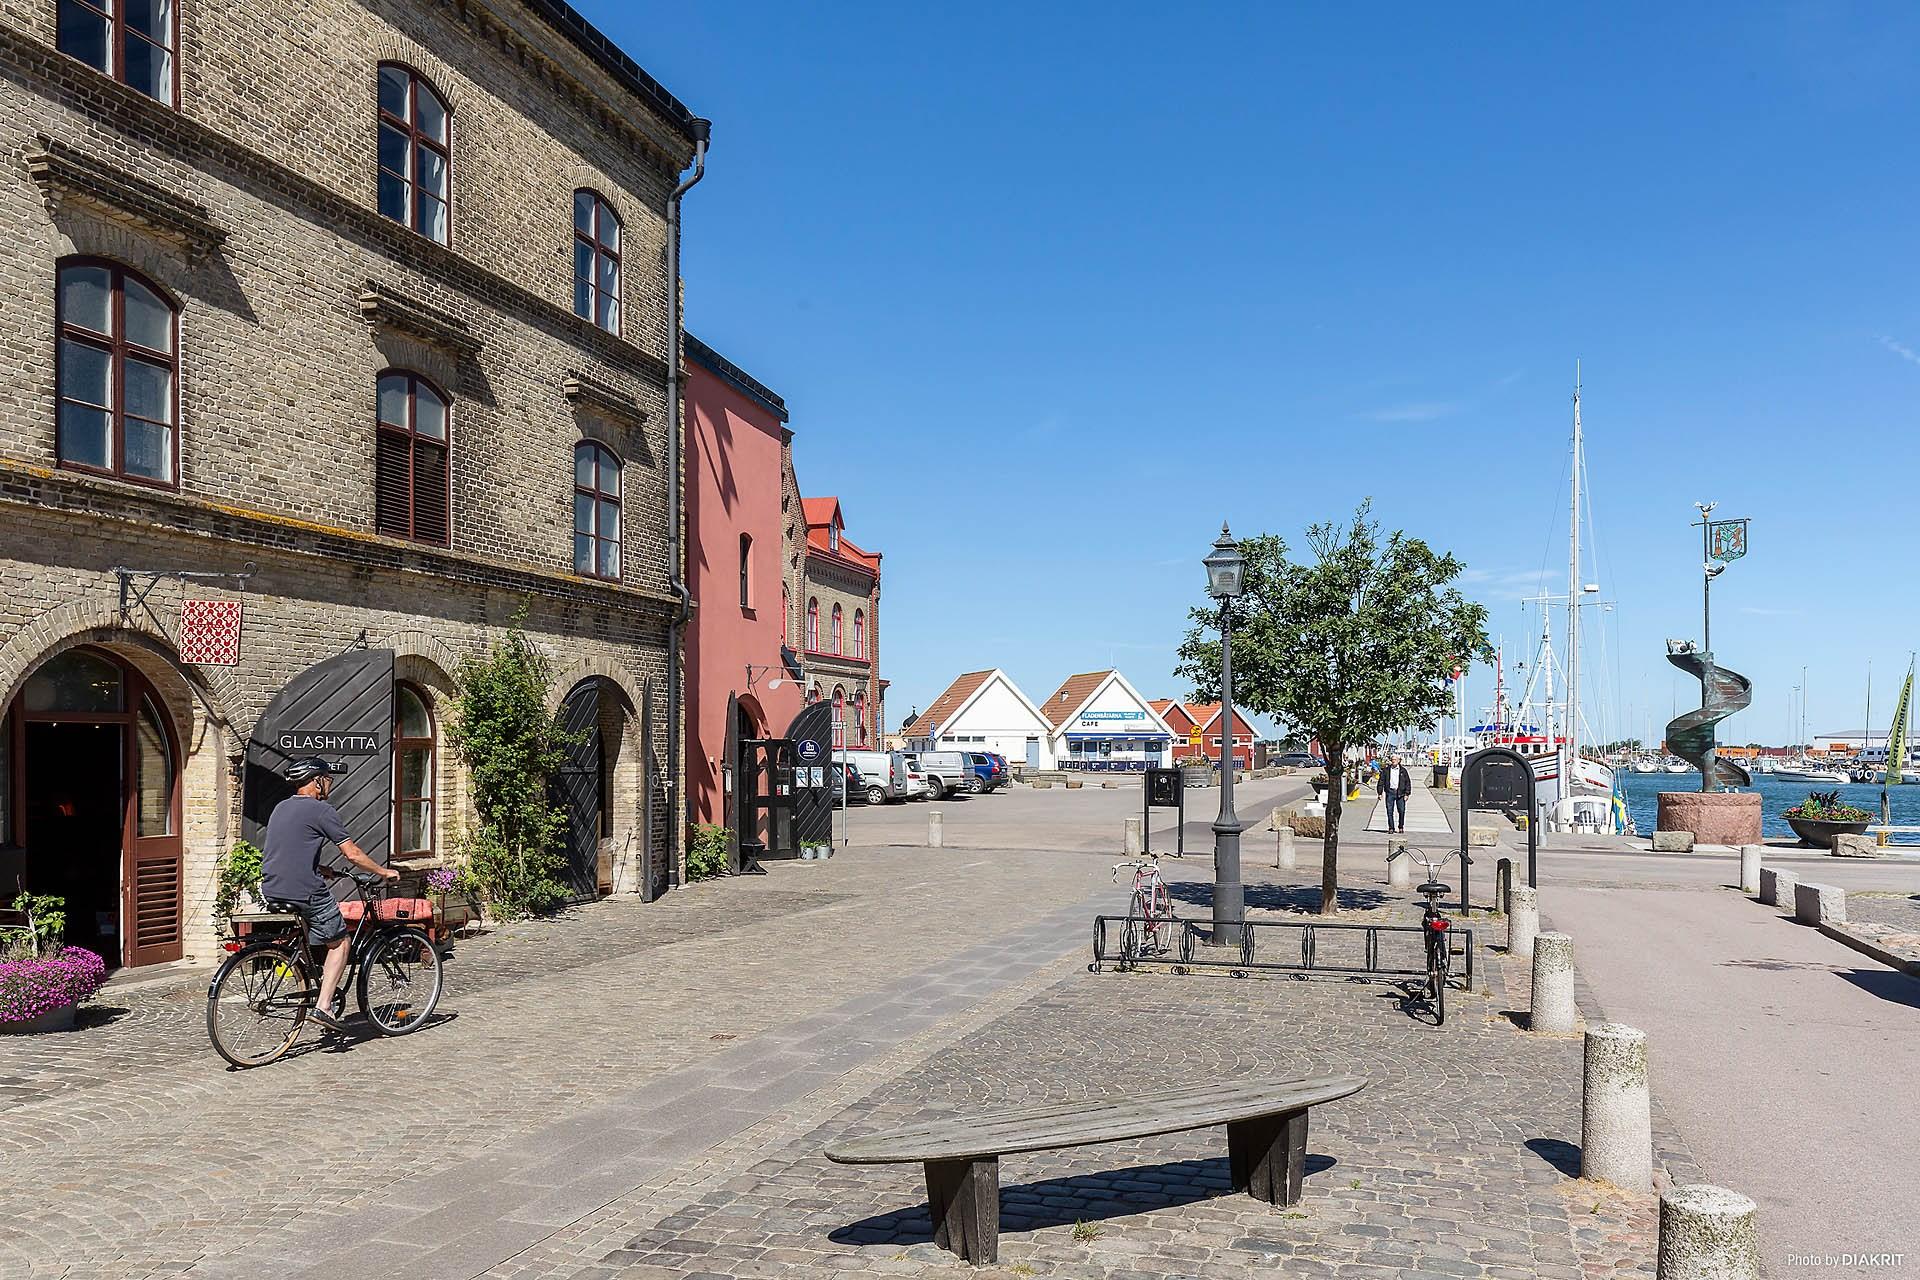 Från varbergs hamn, som ligger centralt i Varberg, tar du enkelt Getteröbåtarna ut till Getteröns småbåtshamn. Det finns också cyckelbana hela vägen ut samt givetvis möjlighet att ta sig med bil.